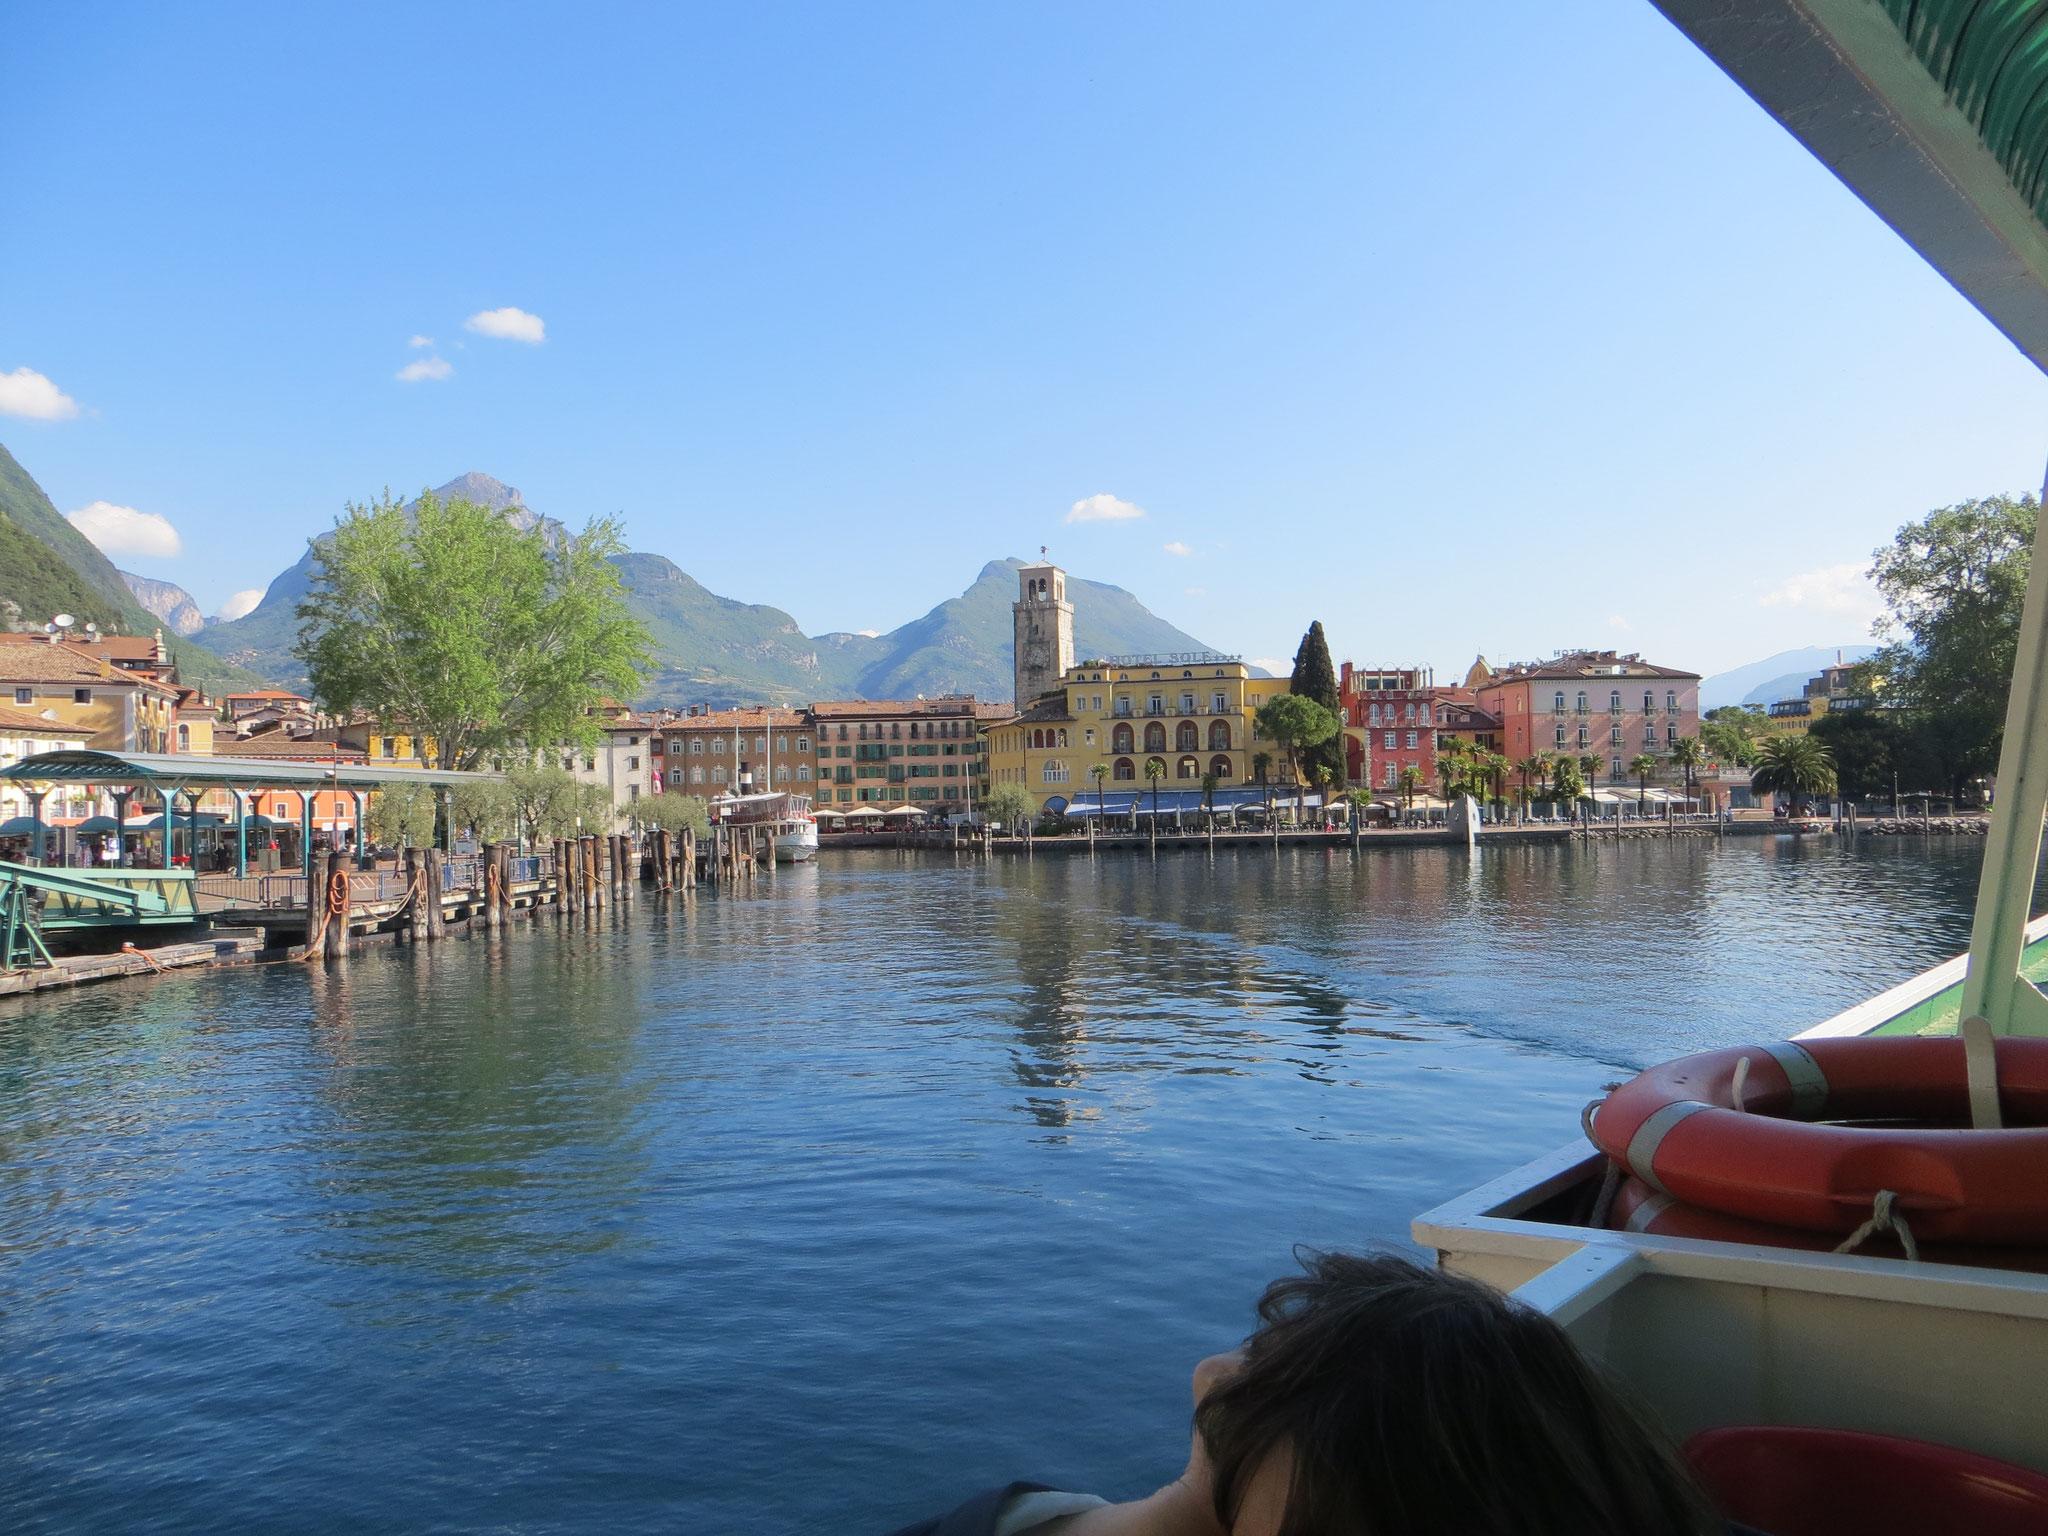 Blick auf die Uferpromenade von Riva